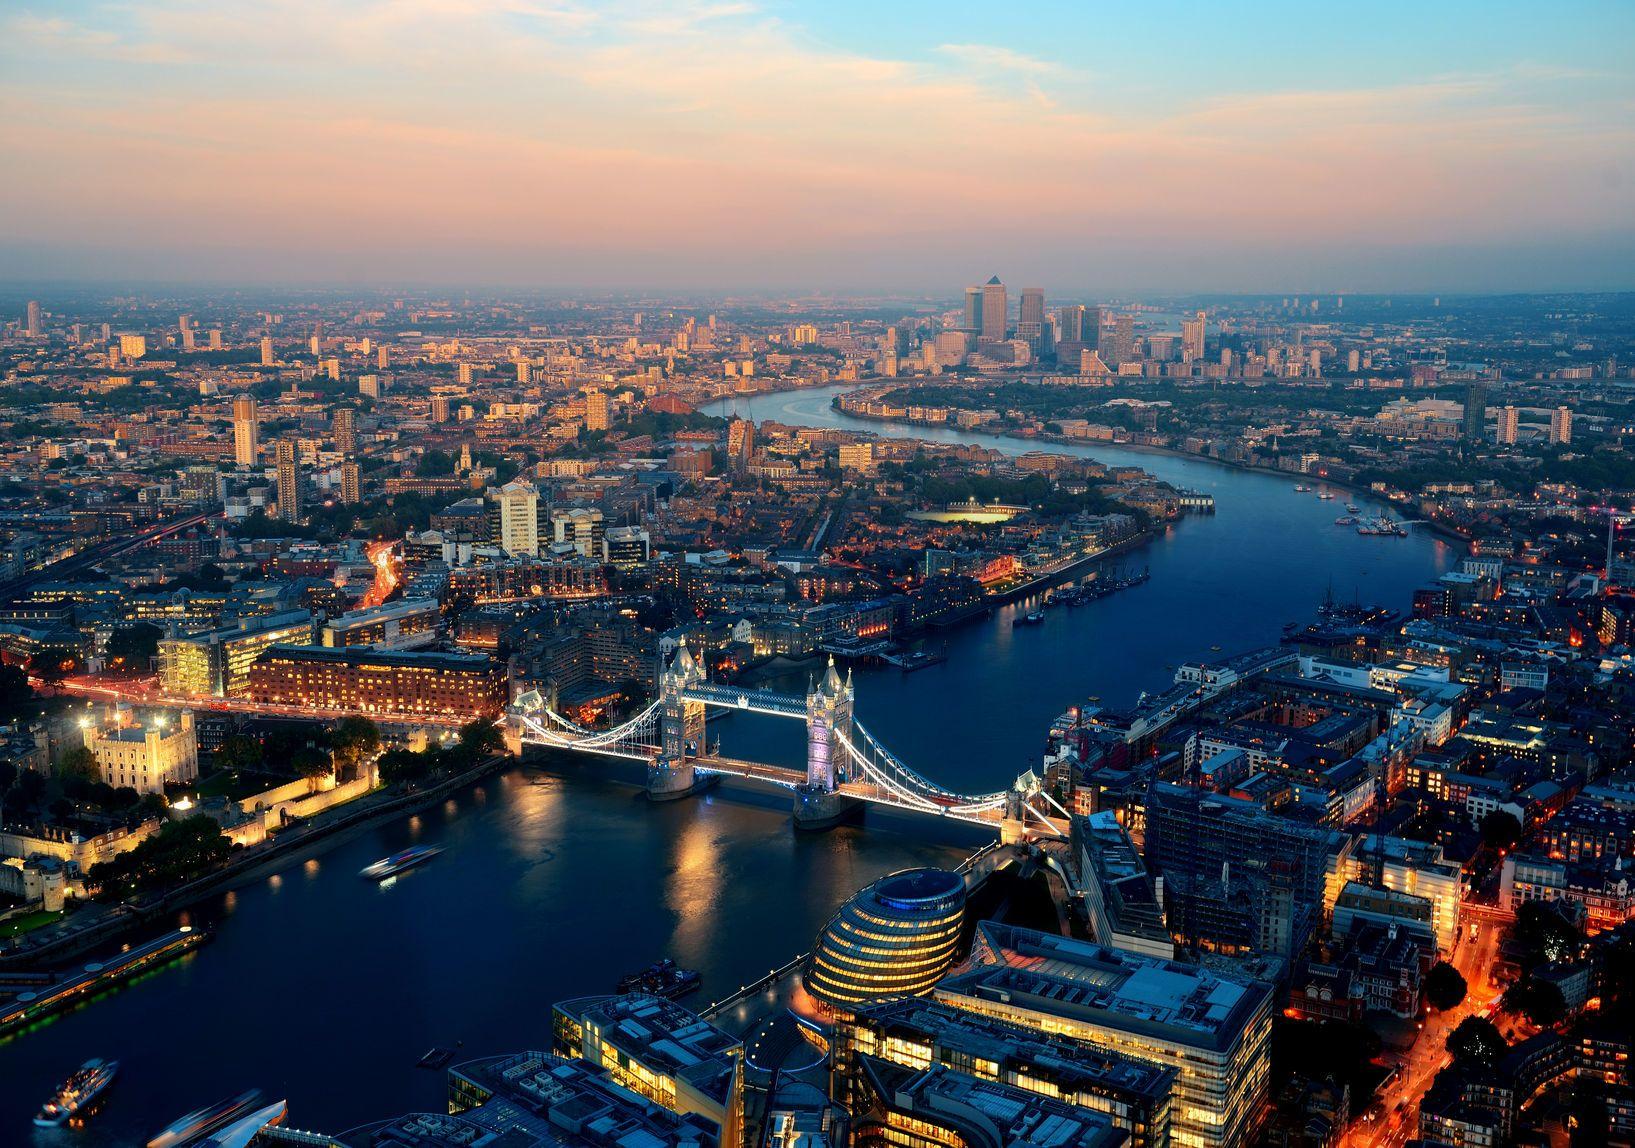 Letecký pohled na Londýn | rabbit75123/123RF.com